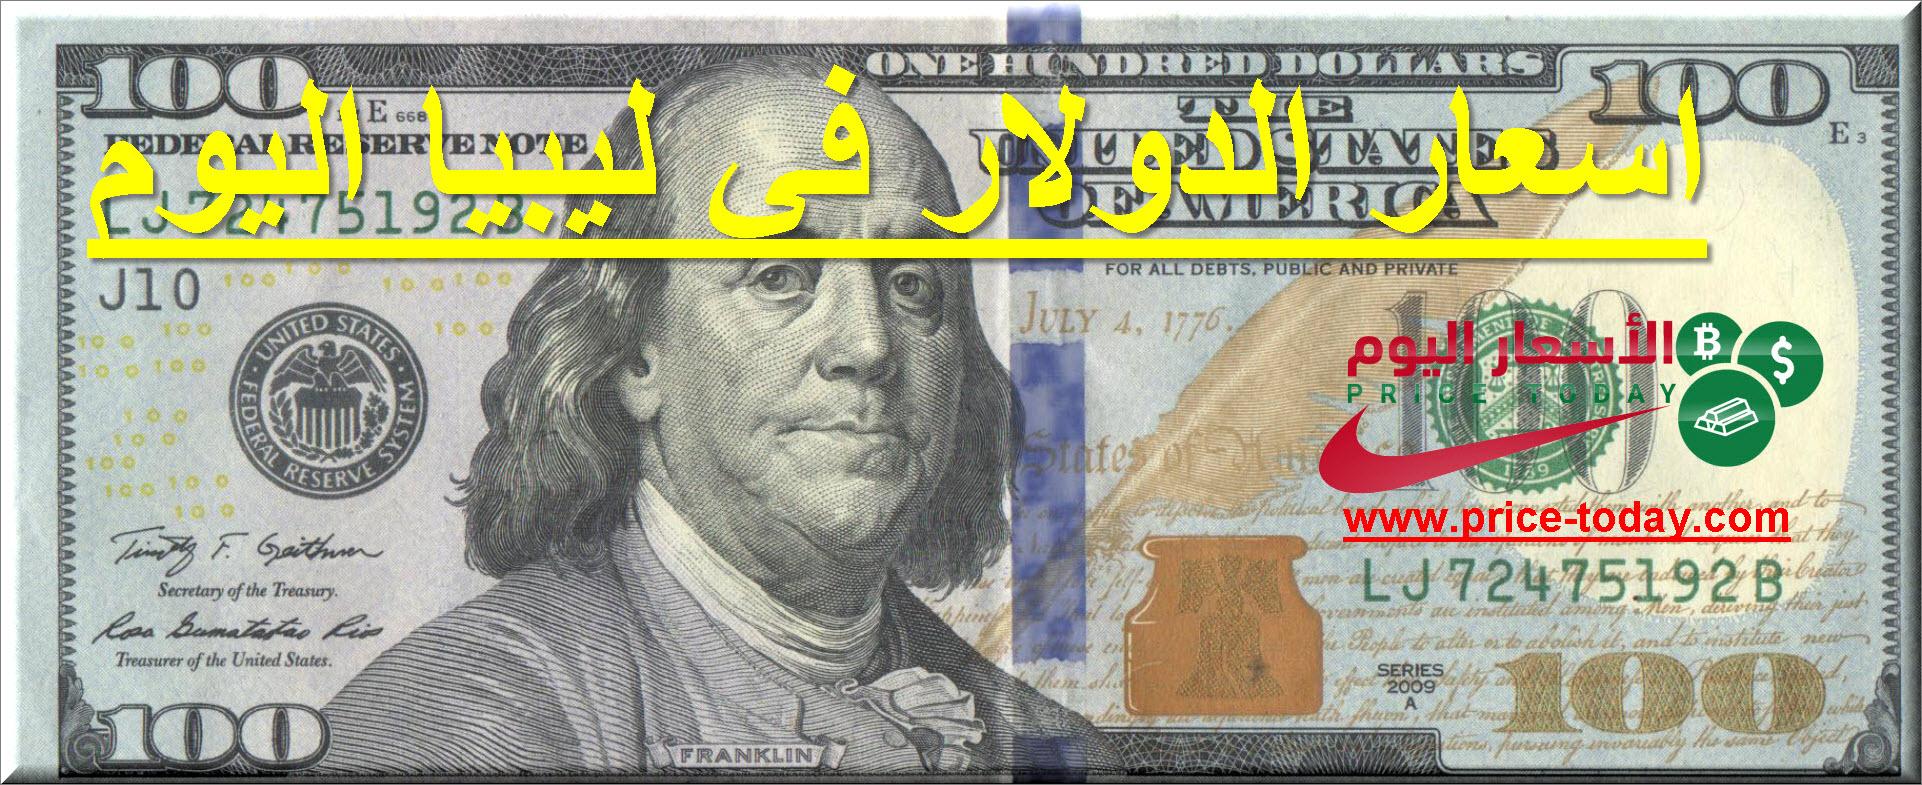 صورة سعر الدينار الليبي مقابل الدولار اليوم